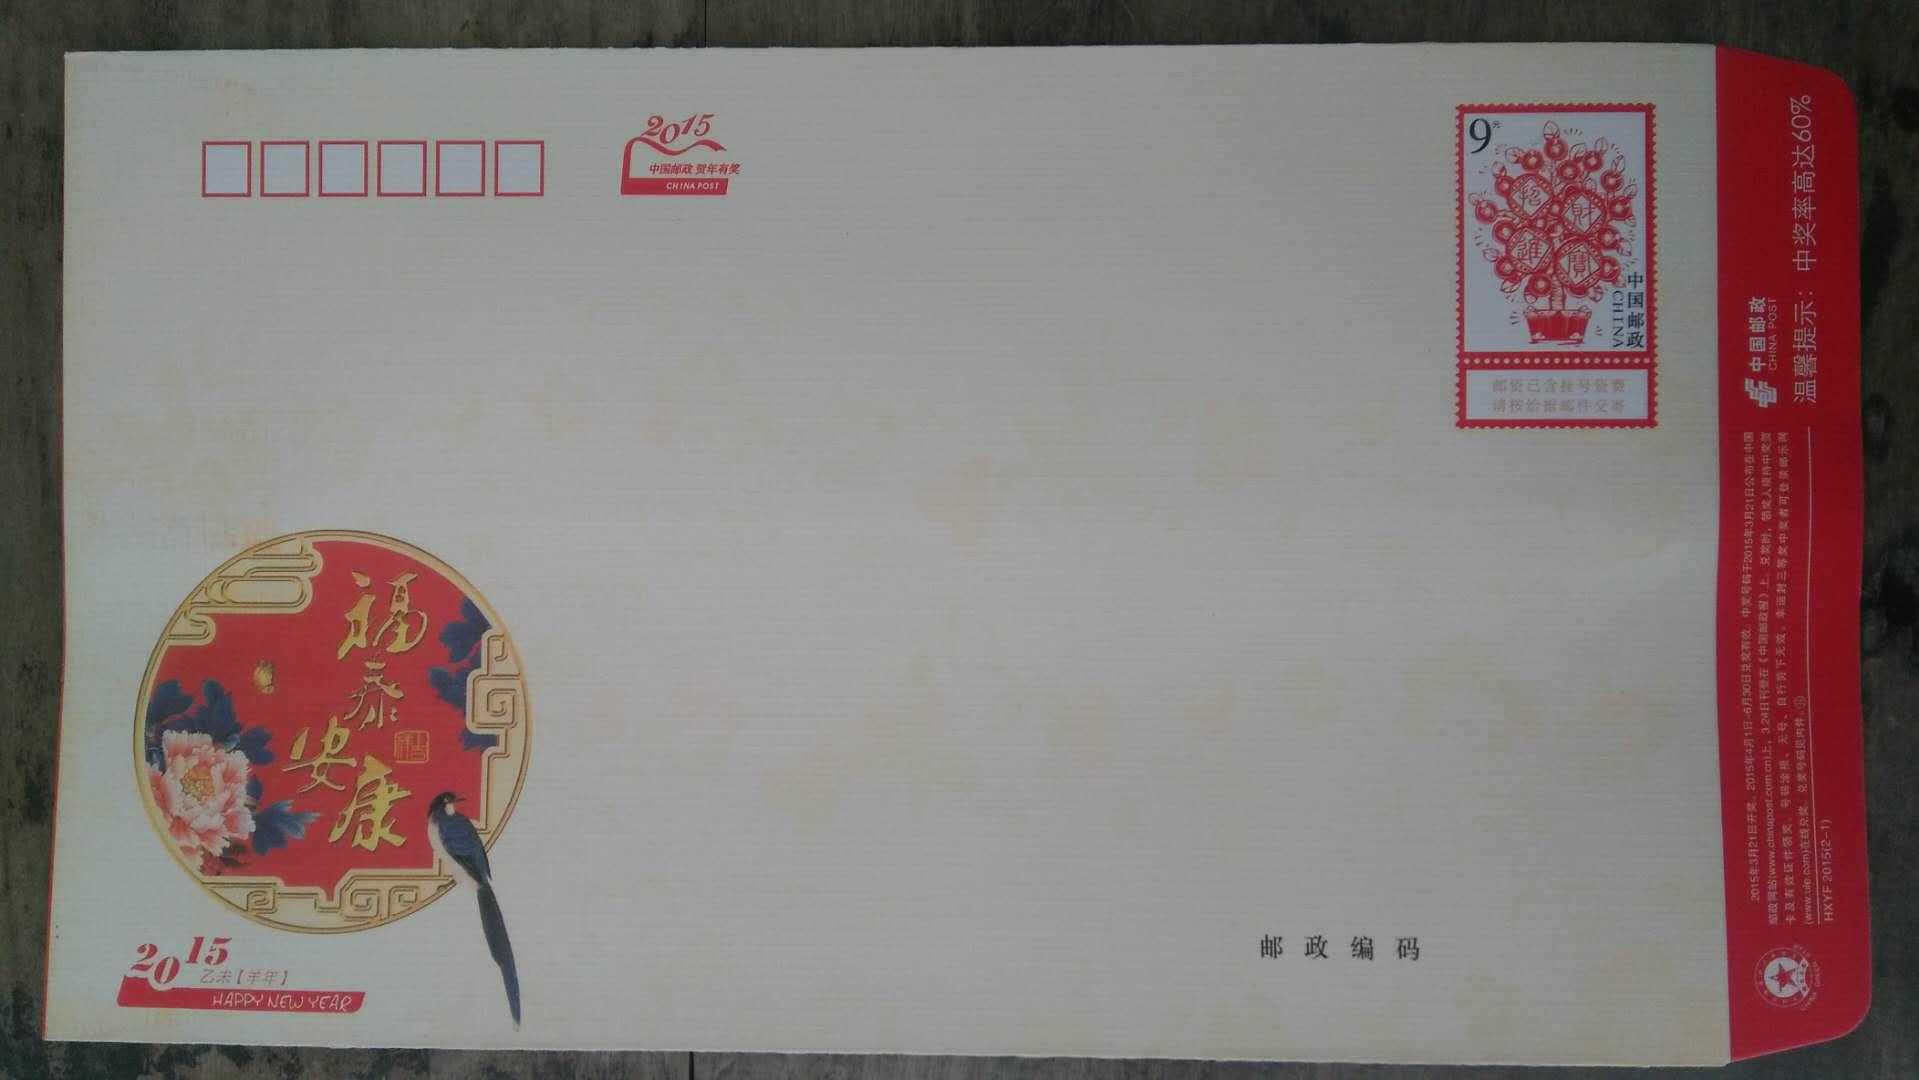 Цин Лю 1 небольшой 9 юаней повезло печать 9 юаней почтовые 9 юаней зарегистрированных, толстая версия полный без слово , Ограниченный срок